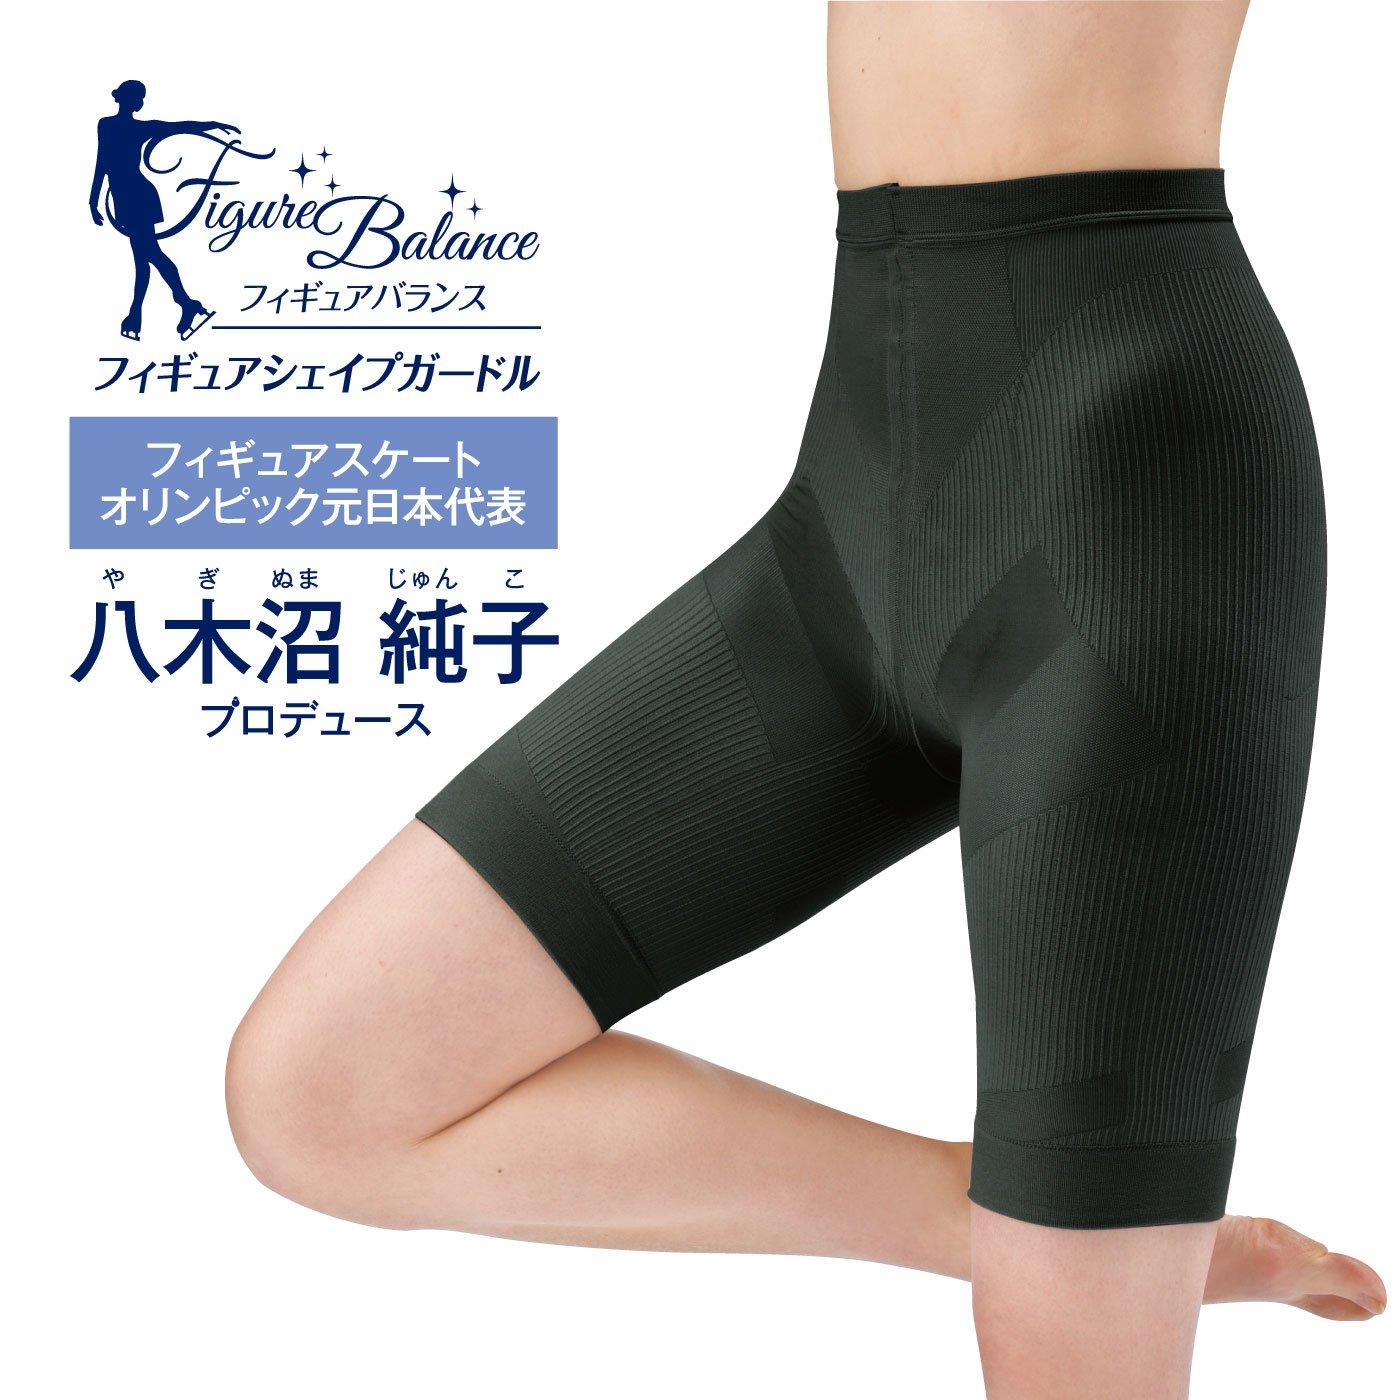 フェリシモ 八木沼純子フィギュア シェイプガードル(ブラック)【送料無料】